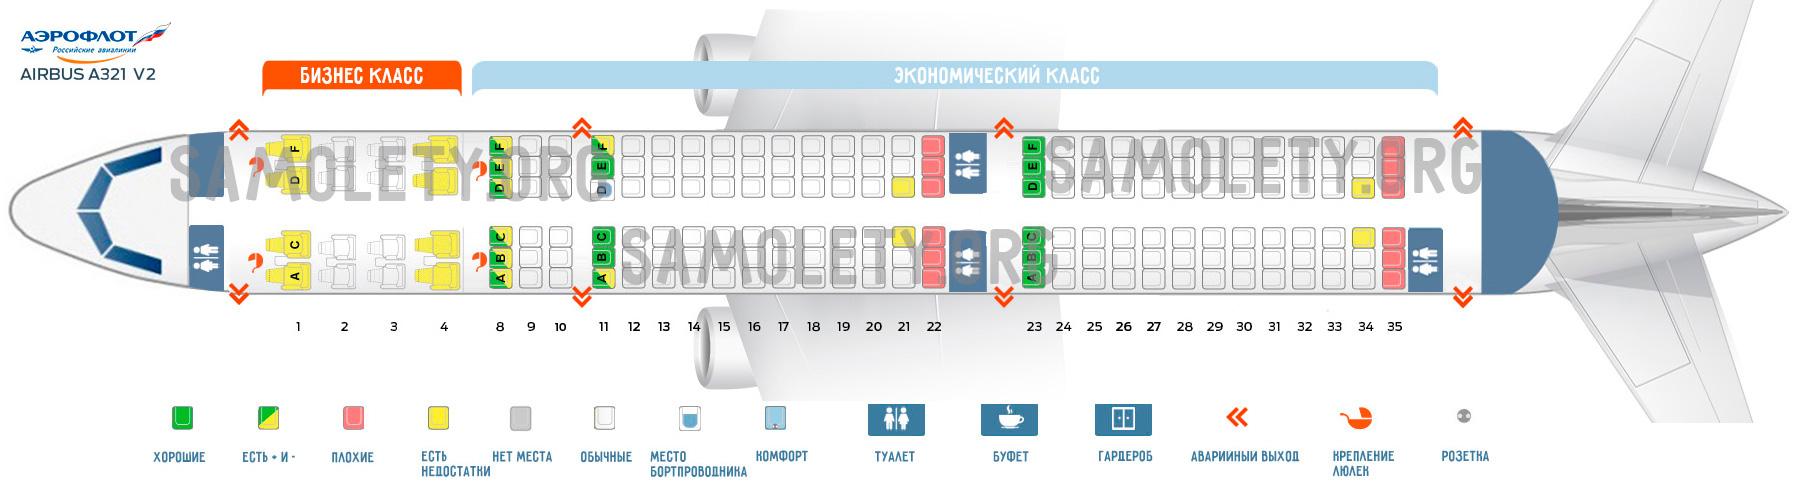 схема самолета аэробус